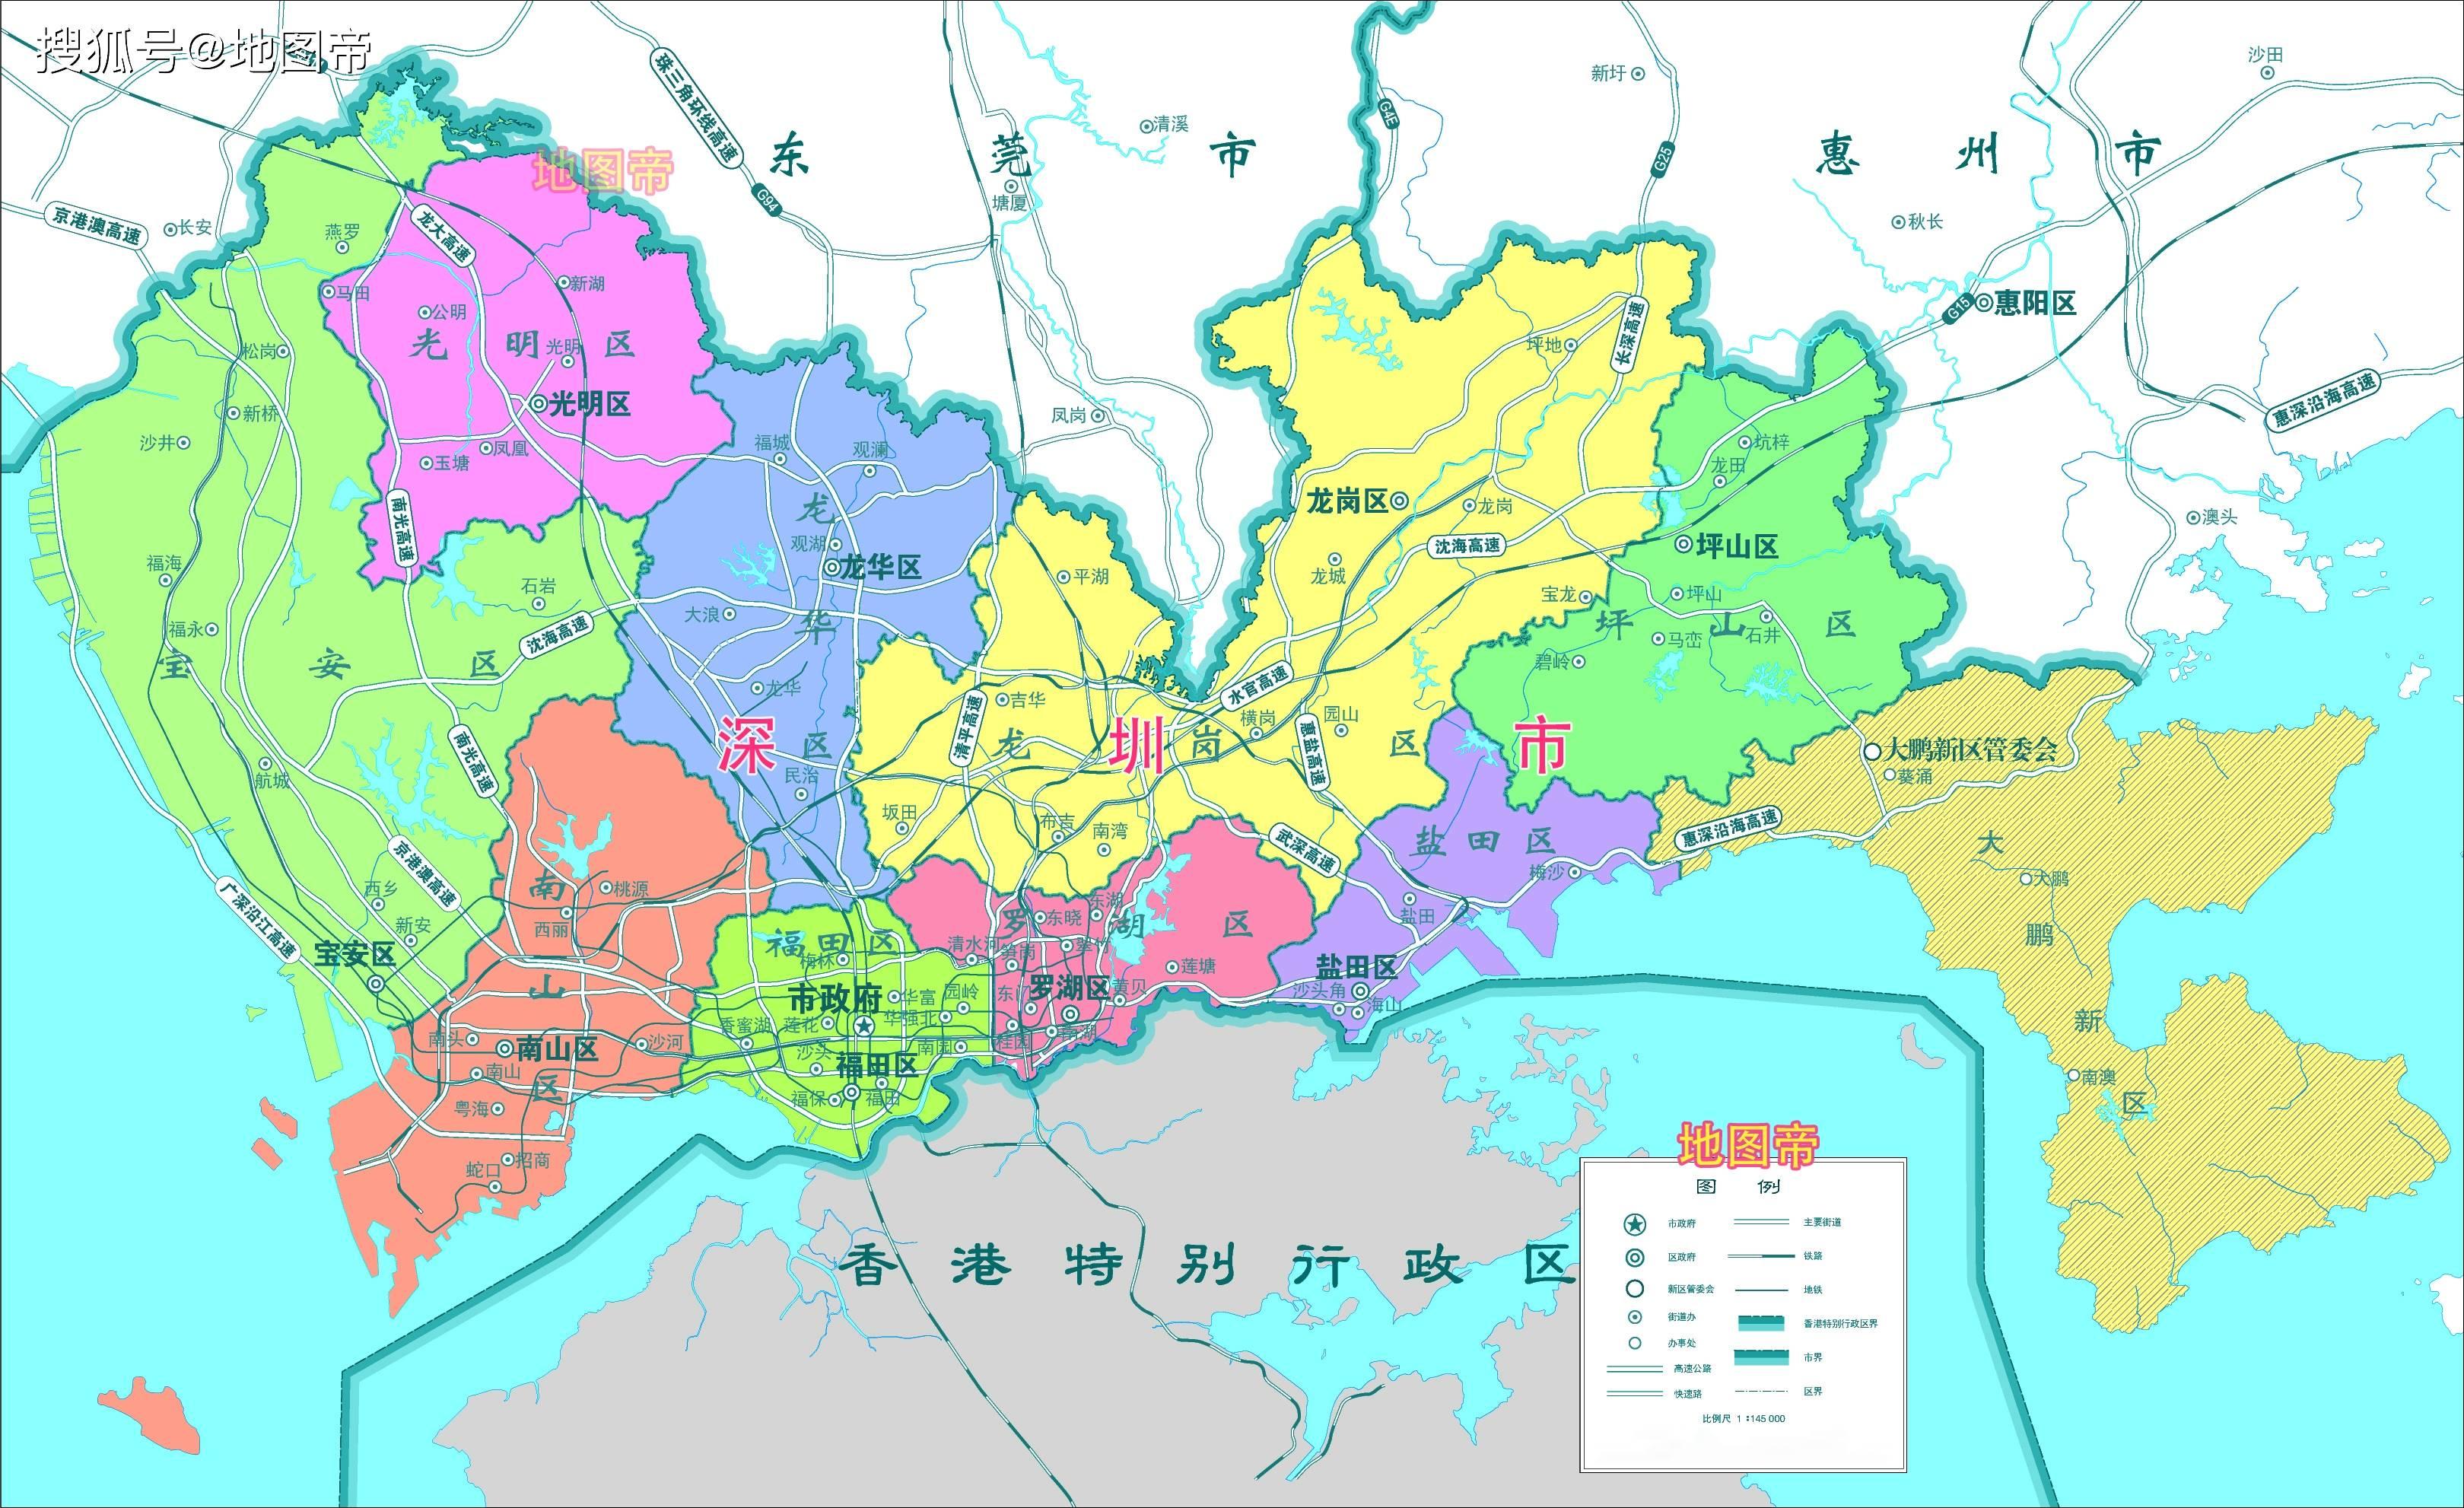 深圳这个新兴大都市有历史吗?